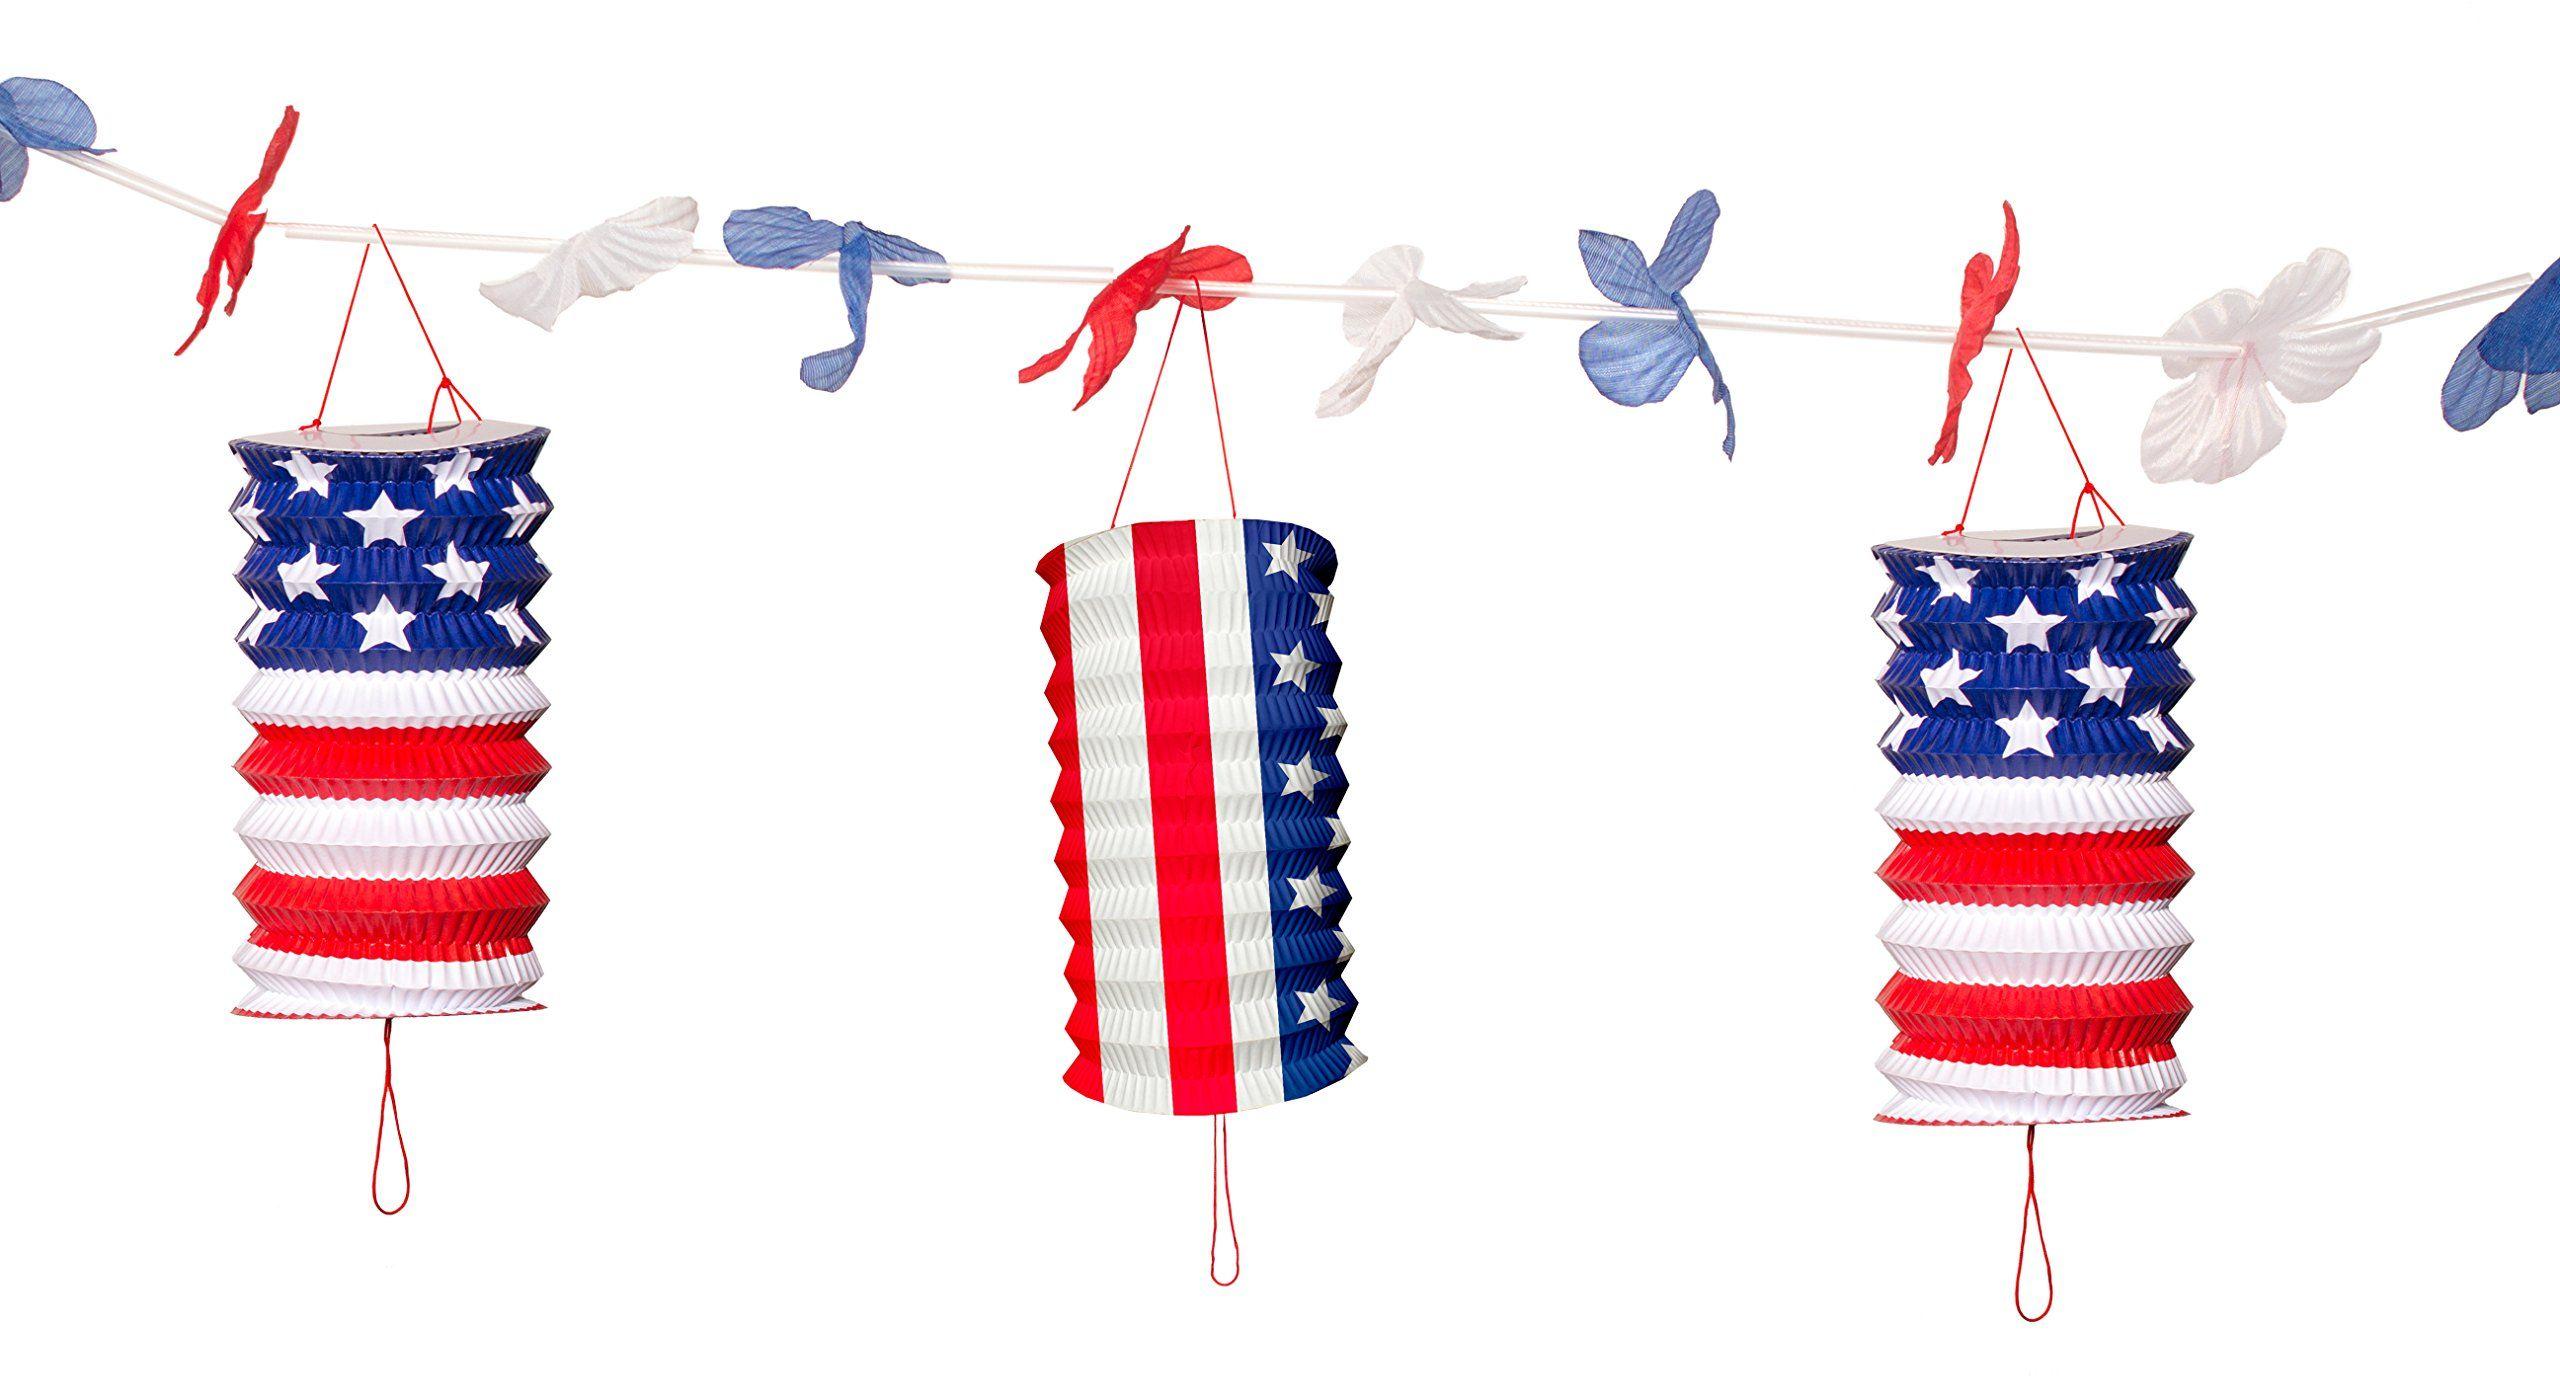 USA imprezowa girlanda latarnia 360 cm, niebieska czerwona i biała latarnia w stylu koncertu na 3,6 m ozdobionym sznurkiem